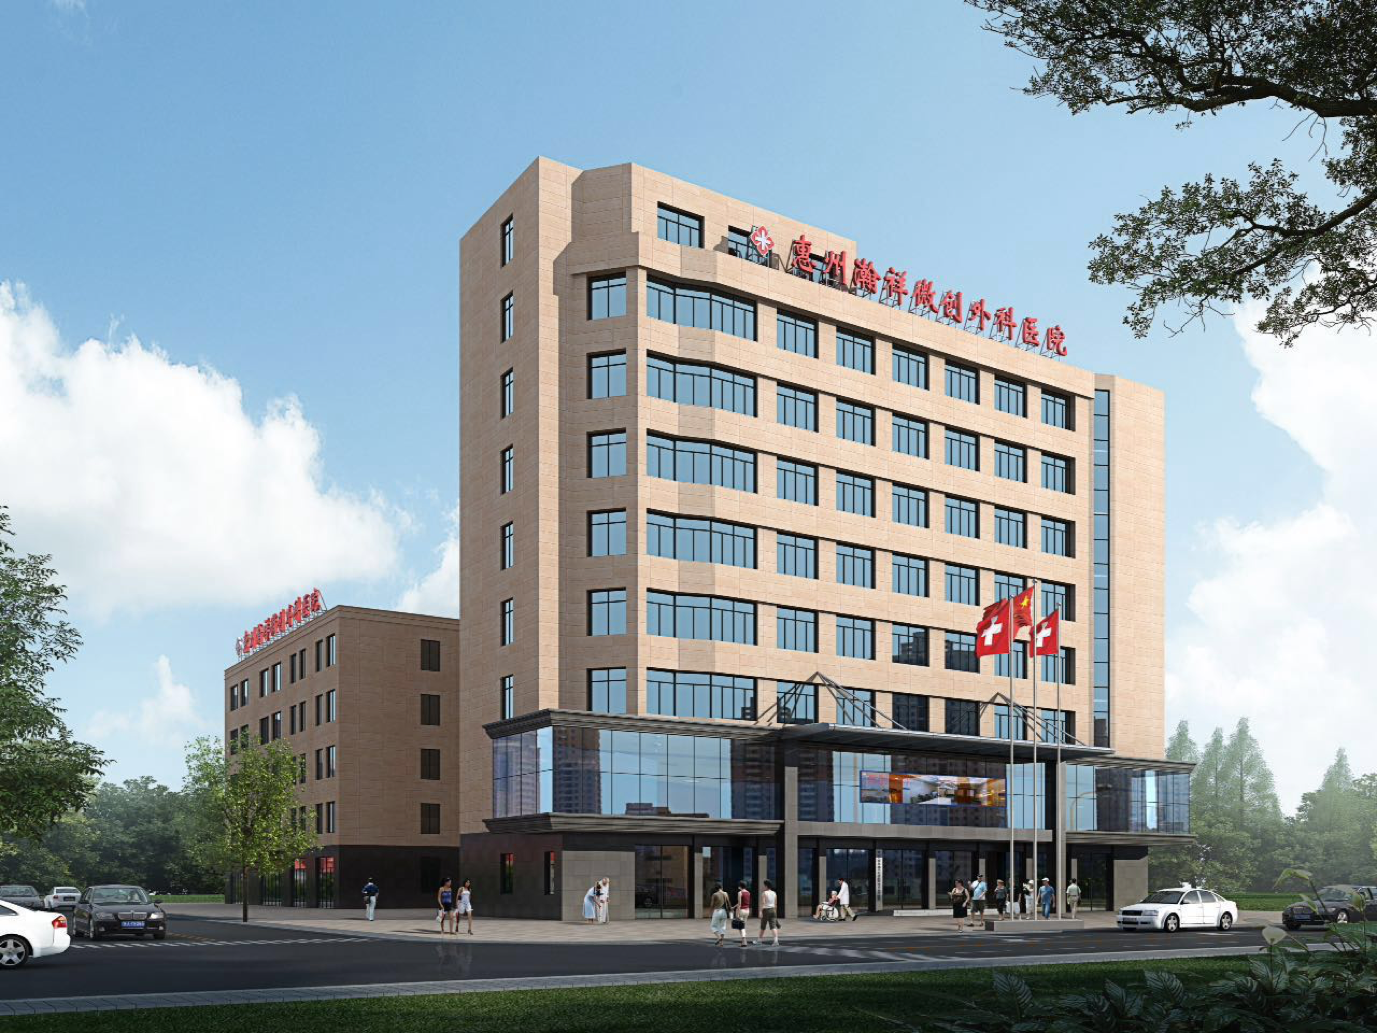 Guang Zhou Minimal Invasive Surgery Hospital